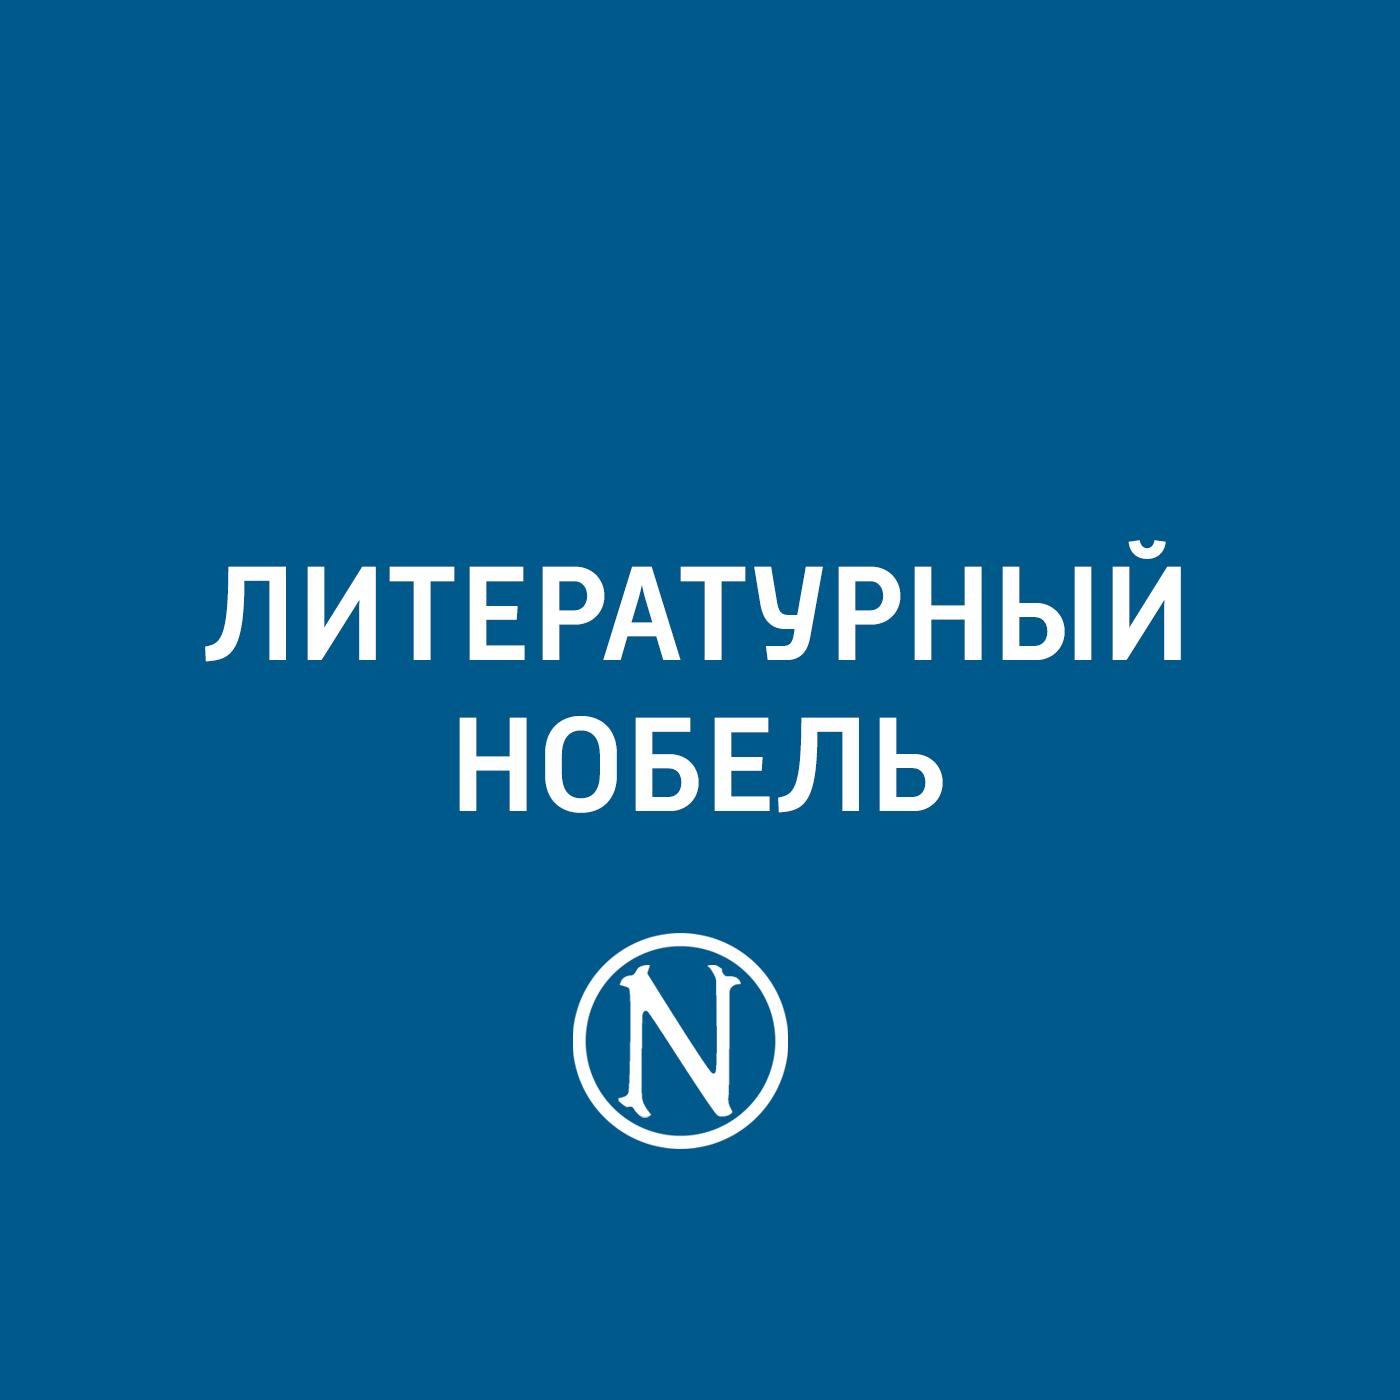 Евгений Стаховский Кнут Гамсун николай надеждин кнут гамсун грешники и праведники